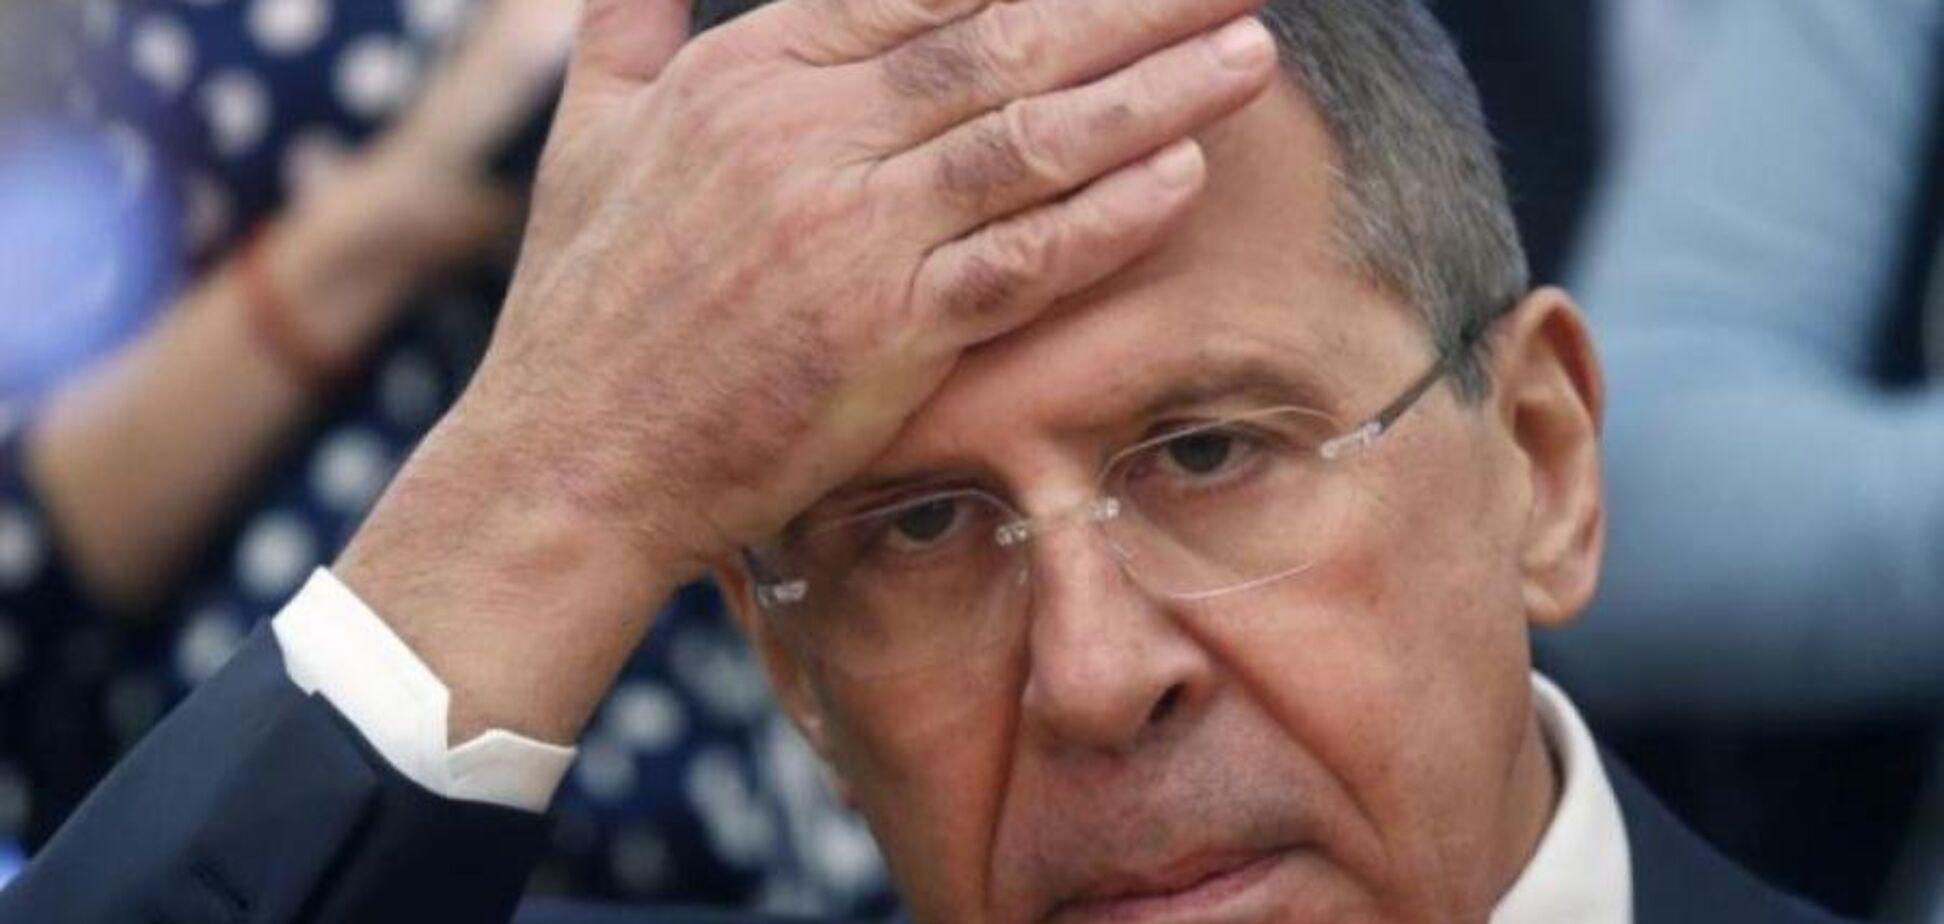 'Залишу без уваги': Лаврова поставили в незручне становище через 'дебілів'